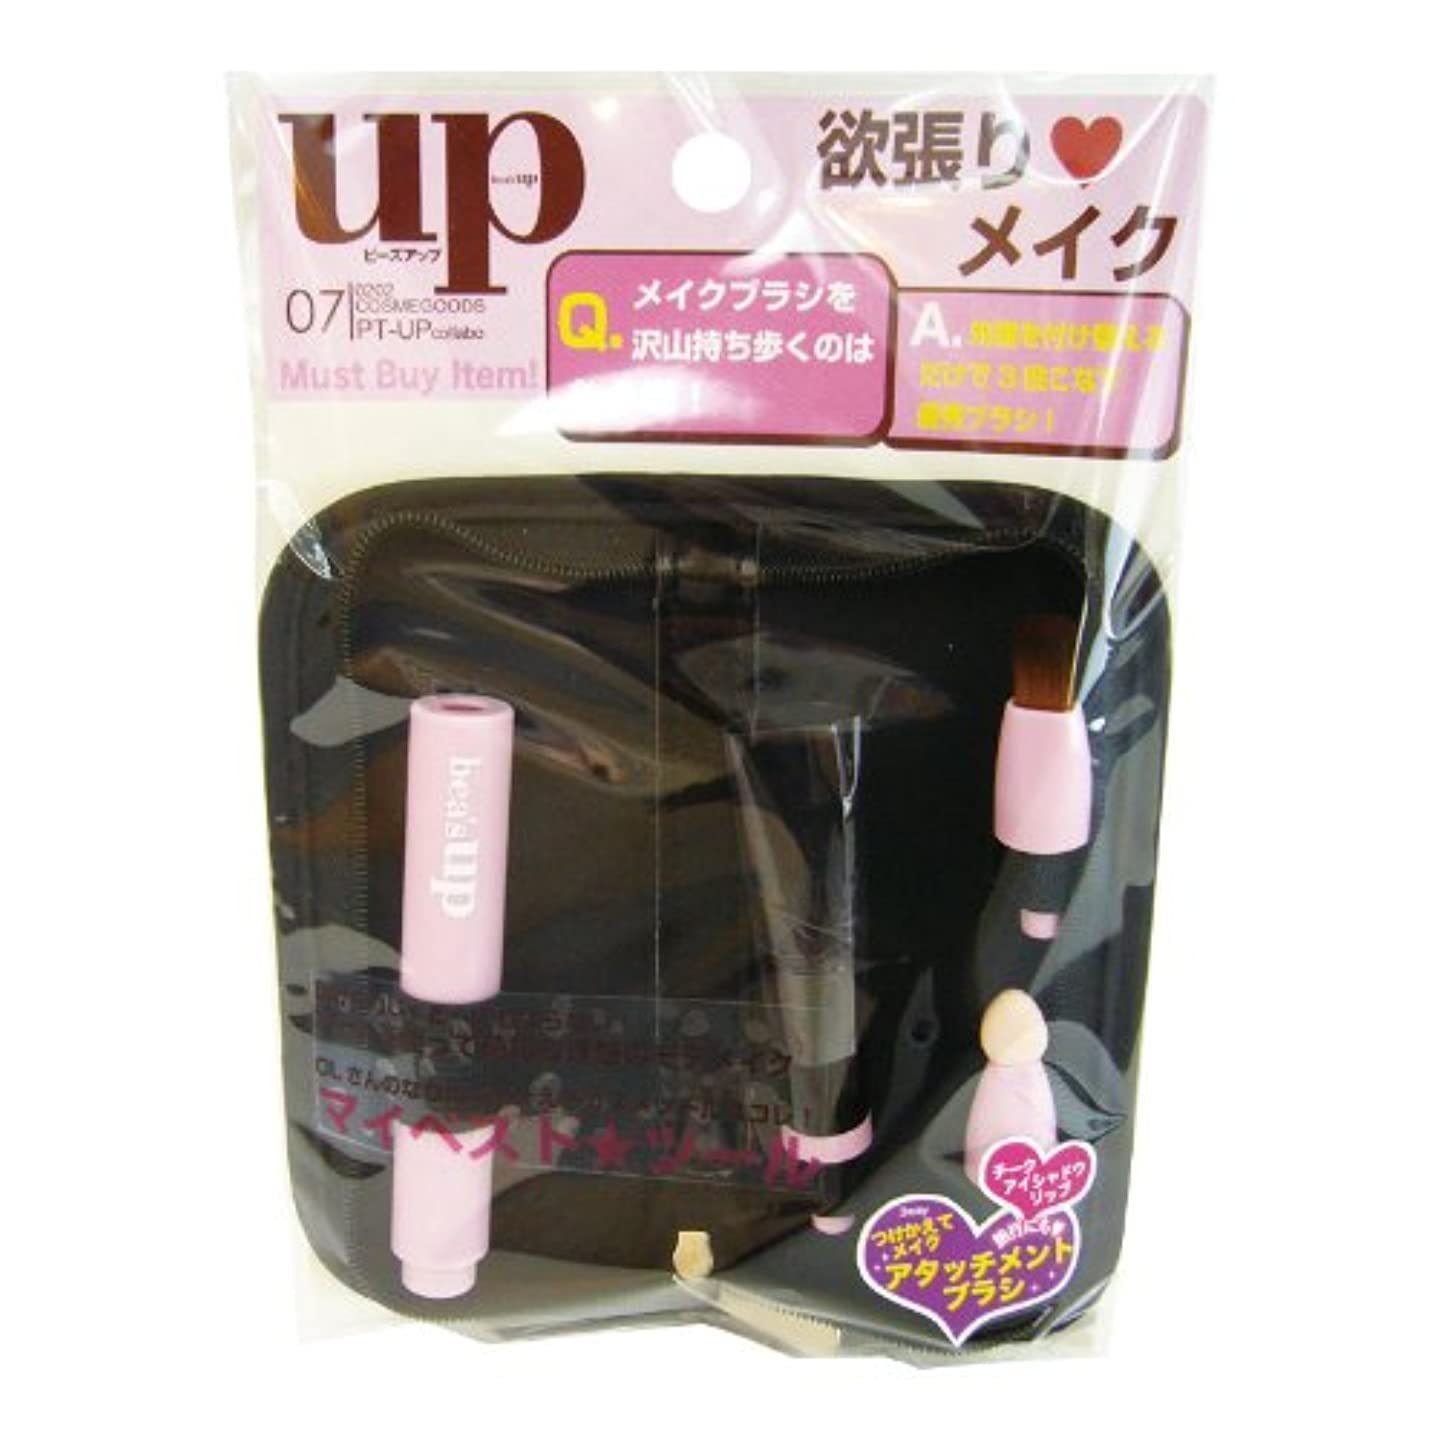 ディスパッチ発明謝るbea`s up(ビーズアップ) アタッチメントブラシセット